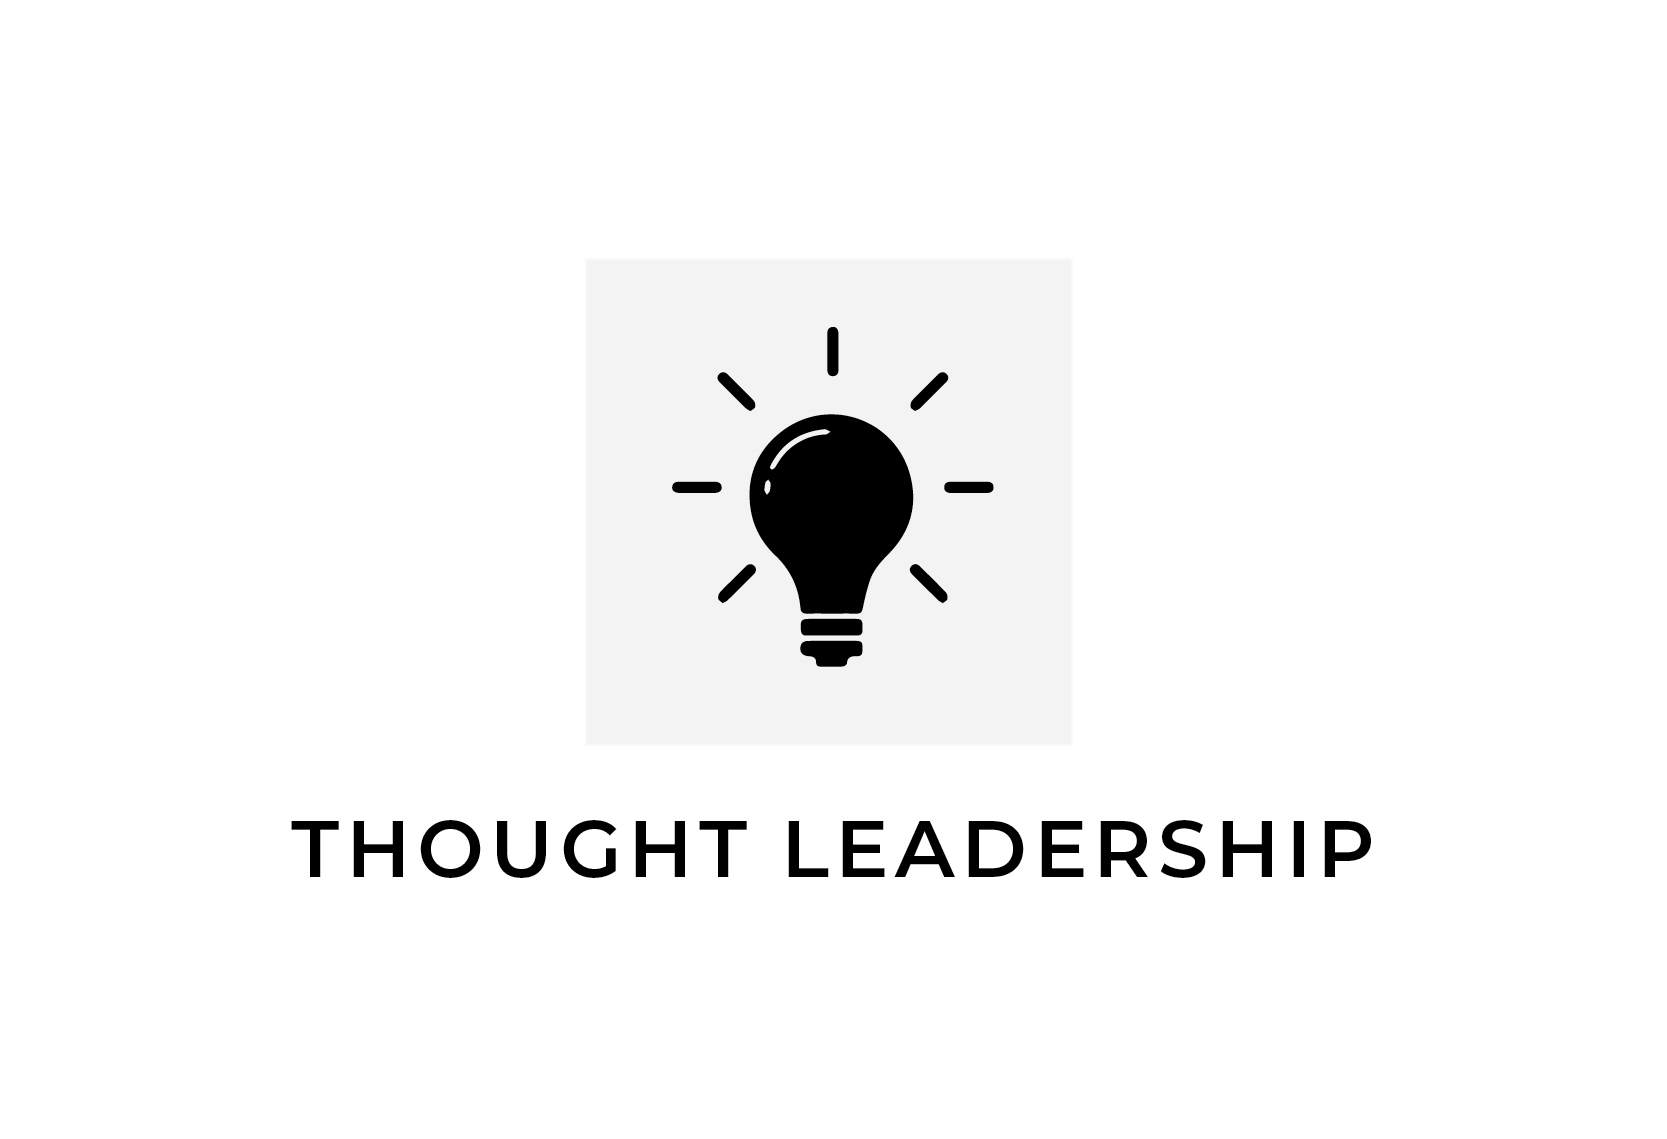 ThoughtLeadership.jpg